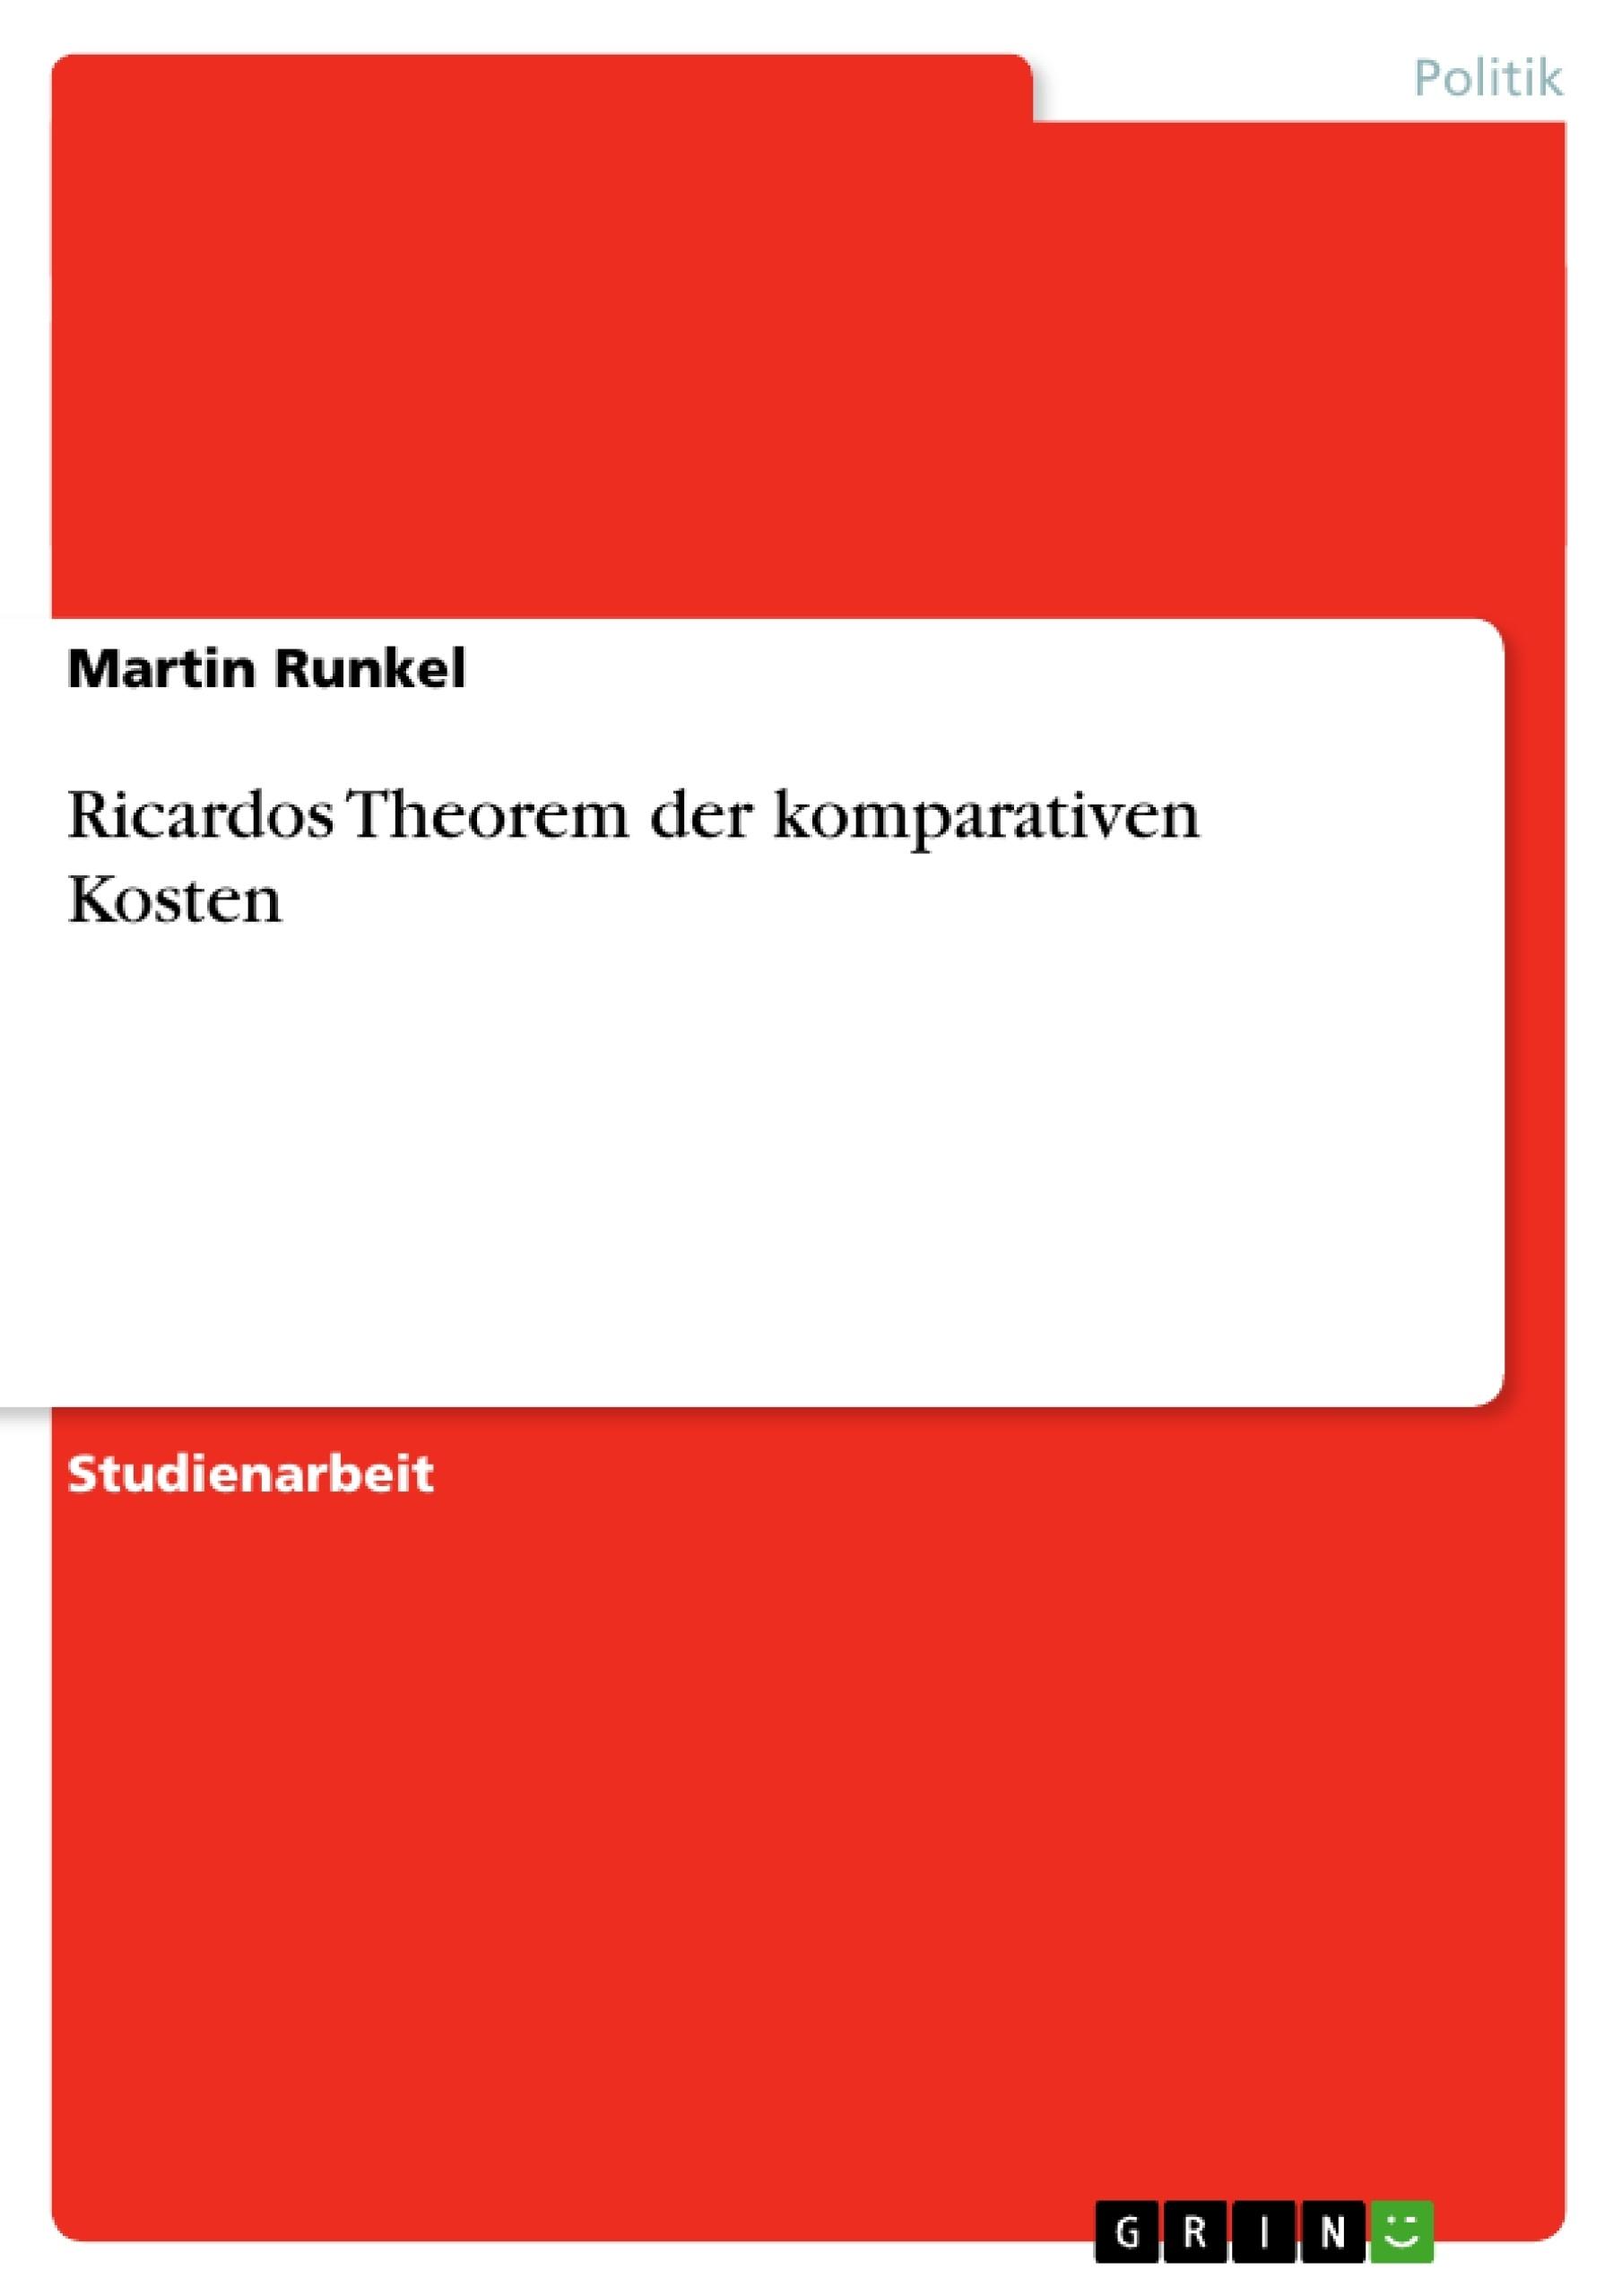 Titel: Ricardos Theorem der komparativen Kosten